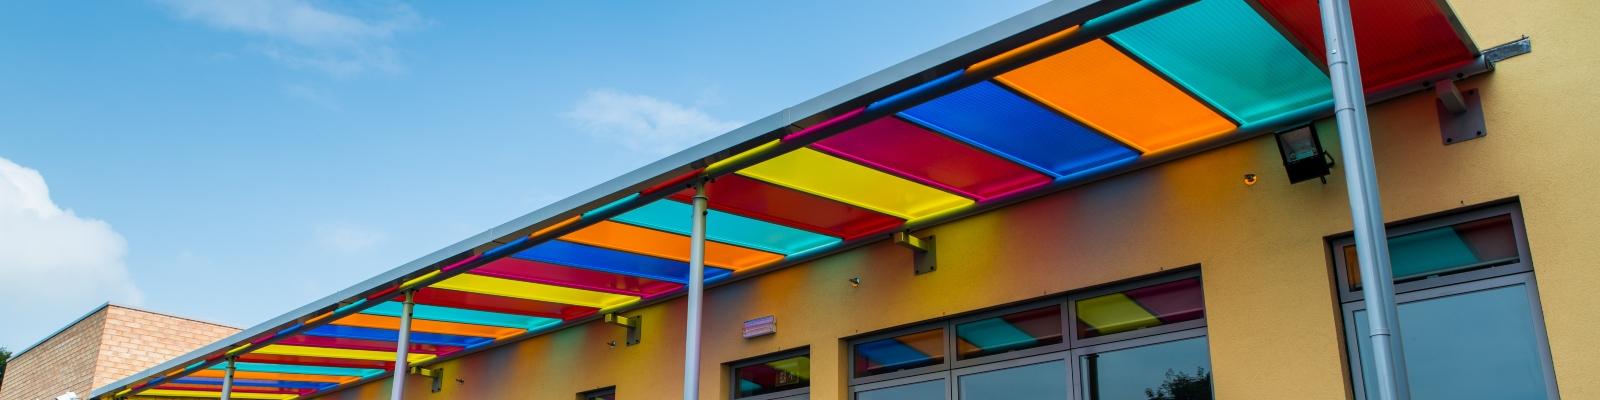 Llandysul School